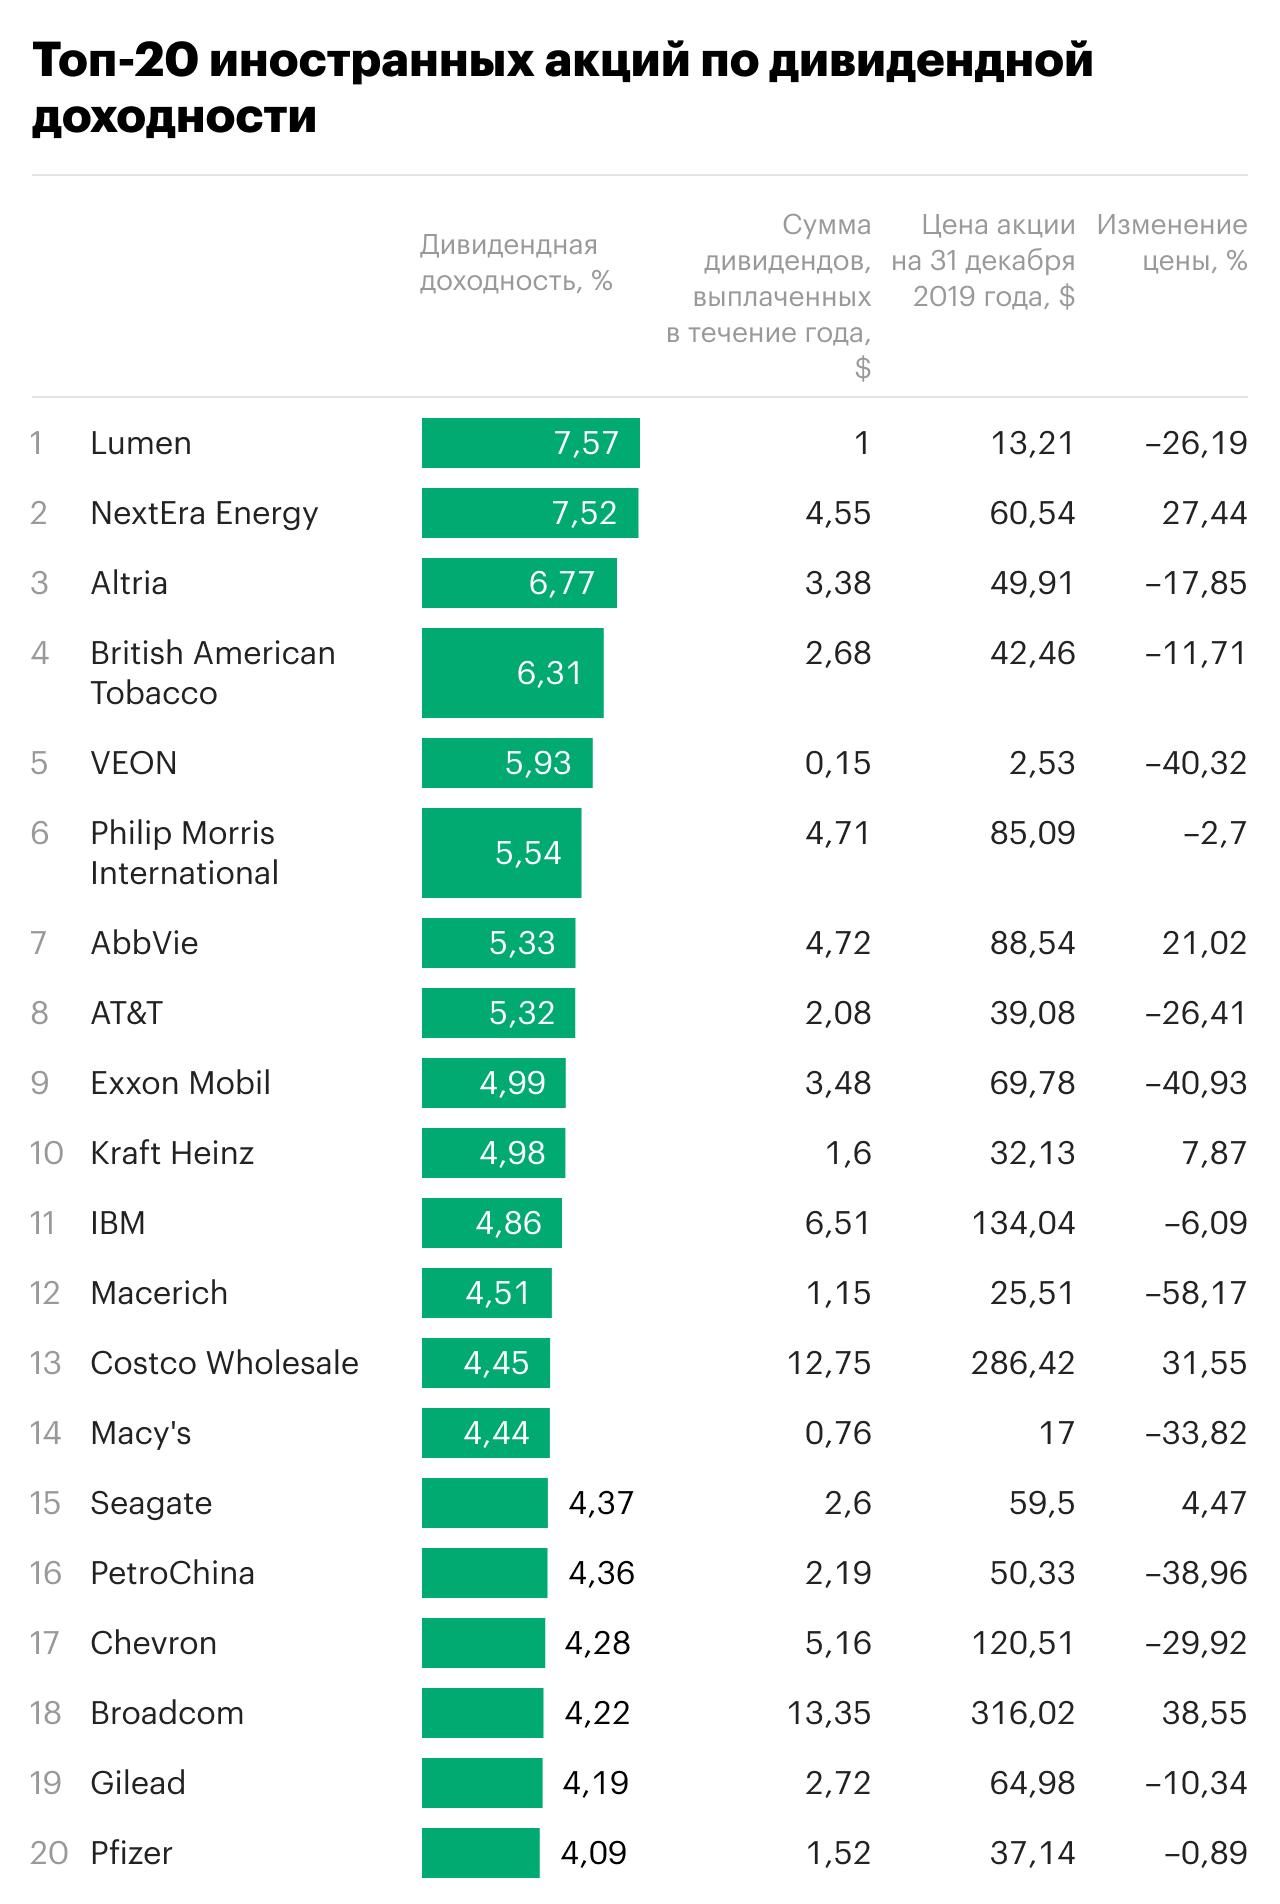 ТОП-20 иностранных акций по дивидендной доходности